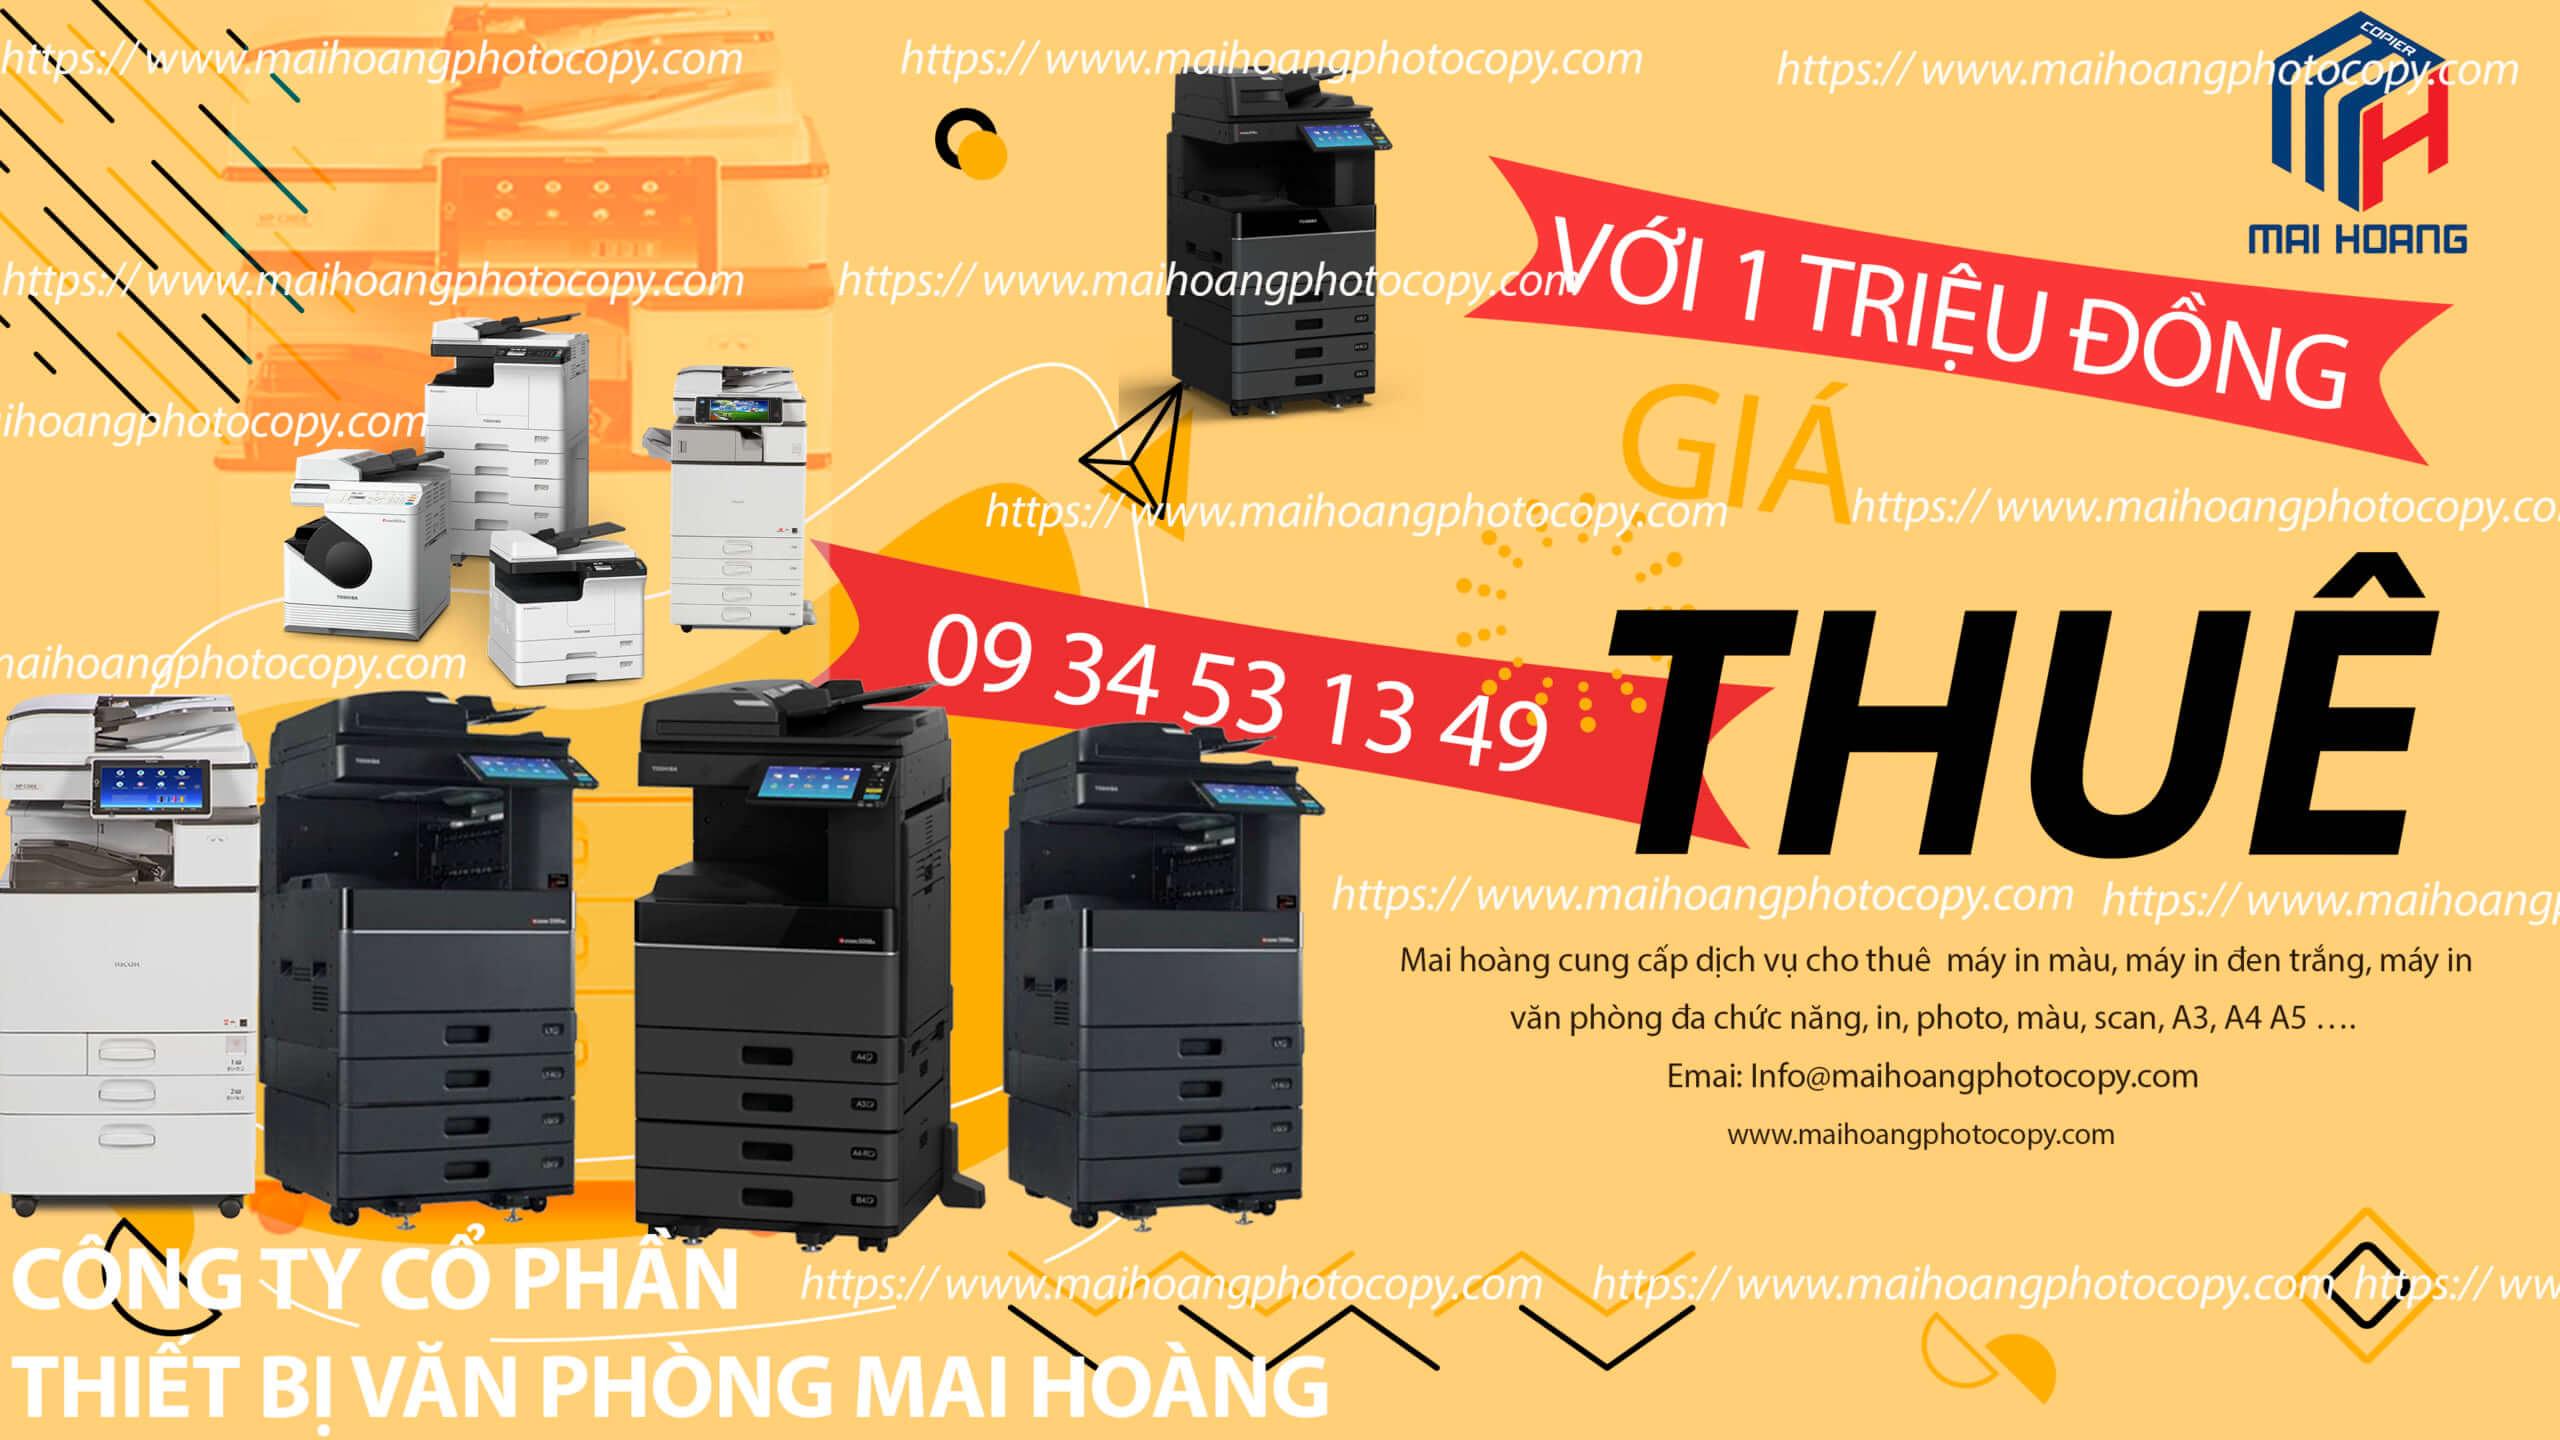 Dịch Vụ Cho Thuê Máy Photocopy Ở Khu Công Nghiệp Hựu Thạnh Đức Hòa Long An